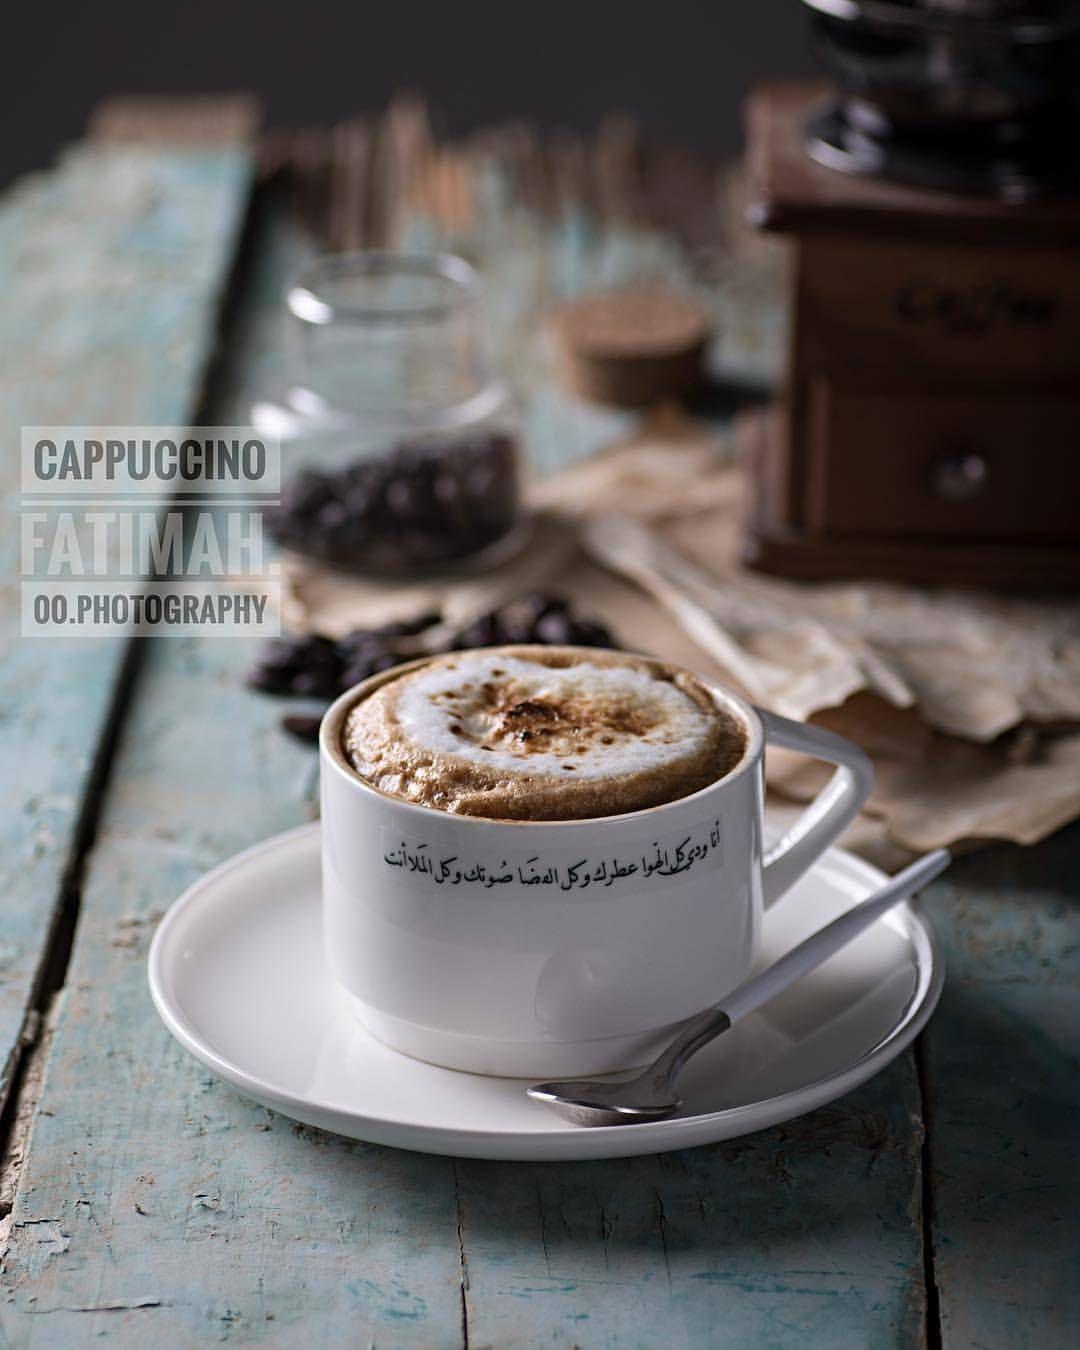 ㅤ مساء الخير ثم تعال لنتحدث هذا اليوم بحجة أن القهوة مرة و حديثك سكر ㅤ By Fatimah 00 ㅤ ㅤ أ لترشيحها كصورة الاسبوع Fruit Recipes Chocolate Drinks Bakery